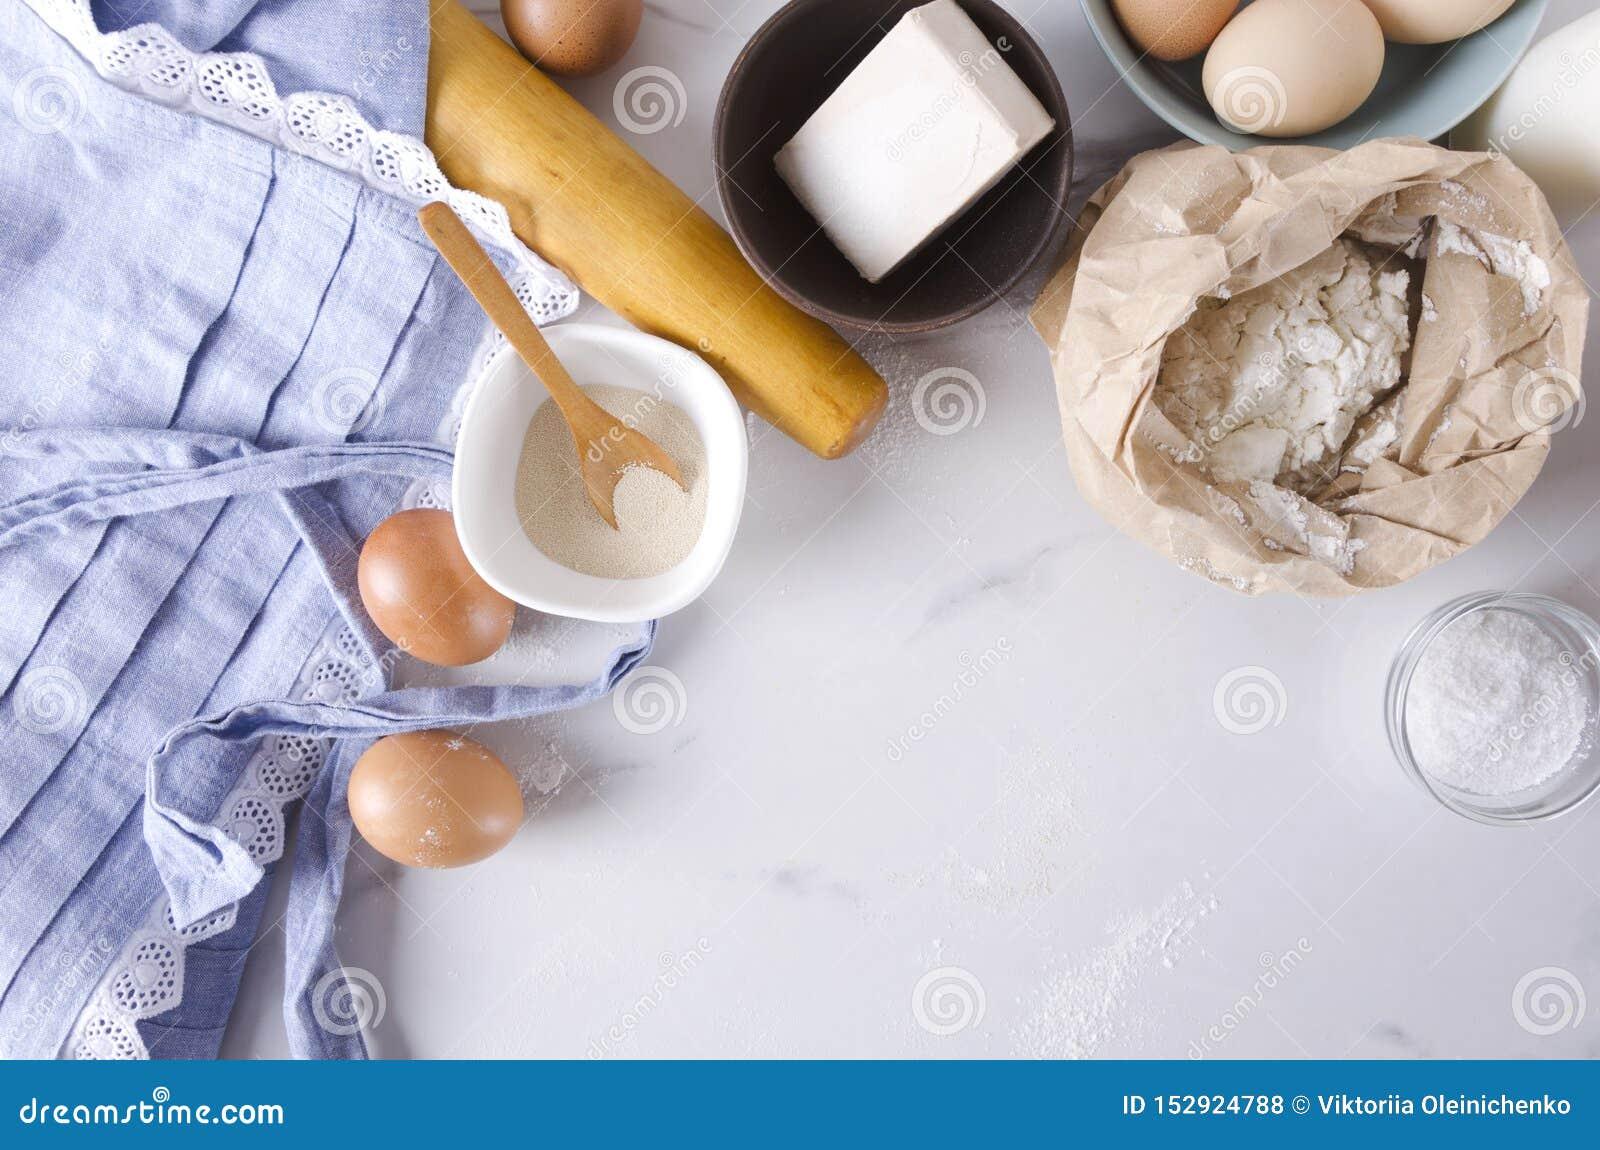 Взгляд сверху кухонного стола, ингредиентов для теста и делать товары пекарни, продукты Пустой космос для вашего текста